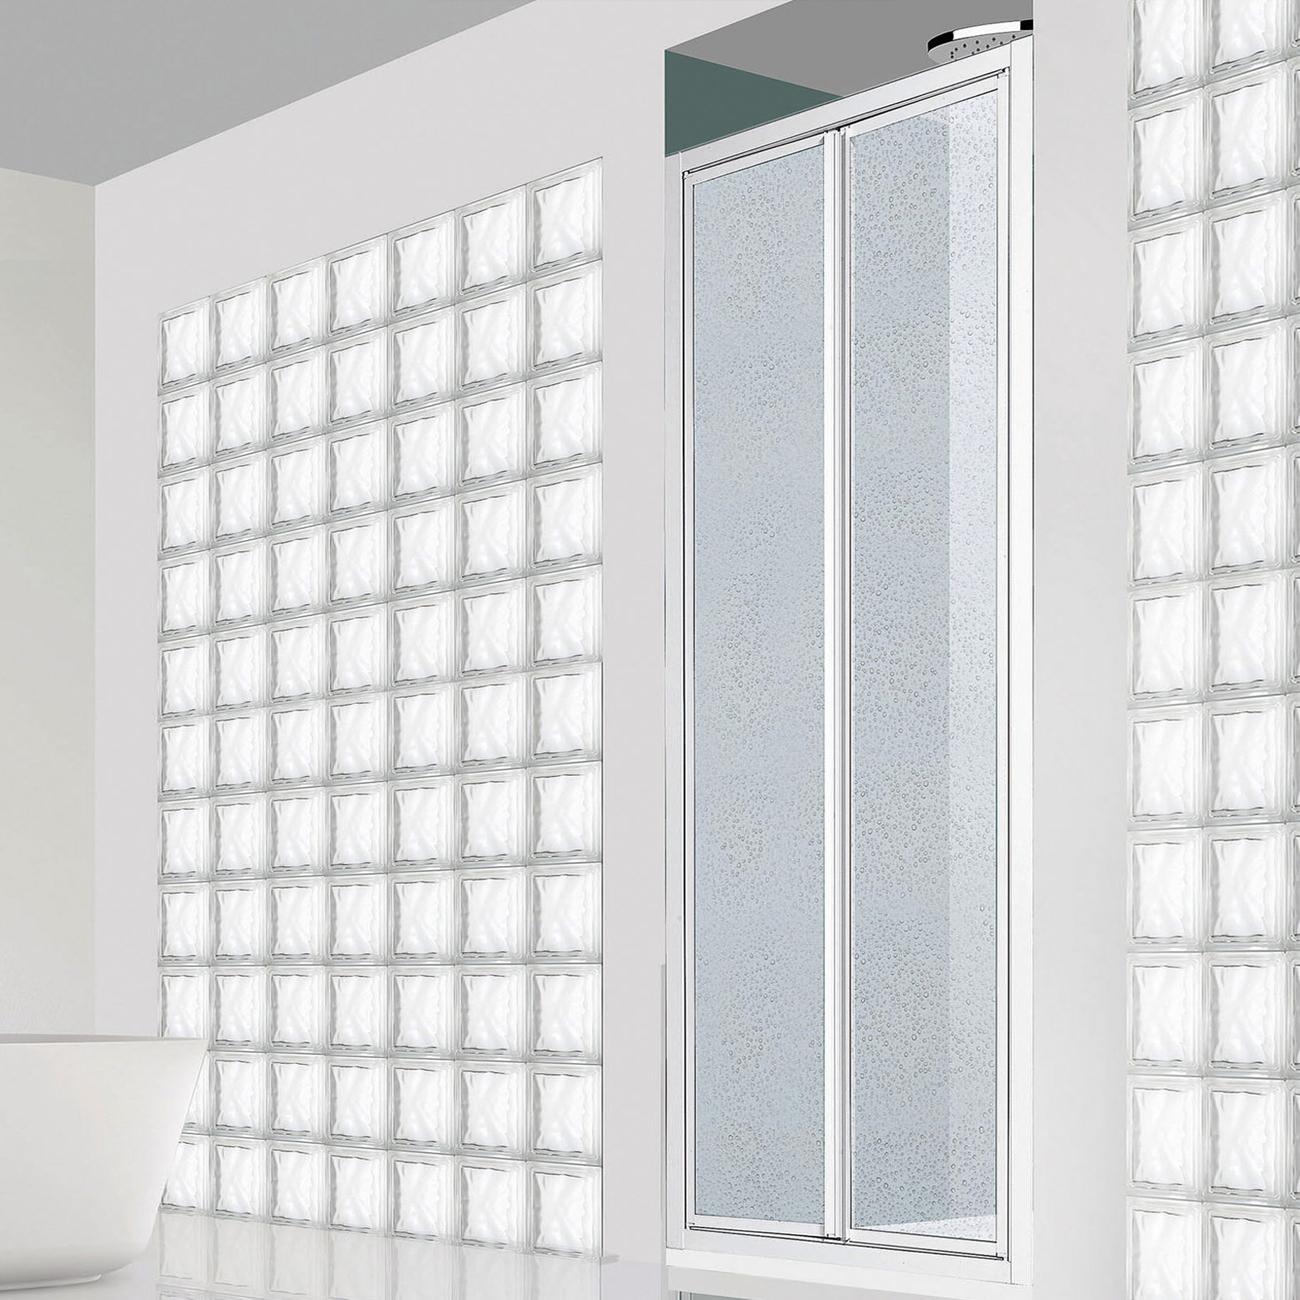 Porta doccia con apertura saloon per nicchia da 95 cm in alluminio e acrilico